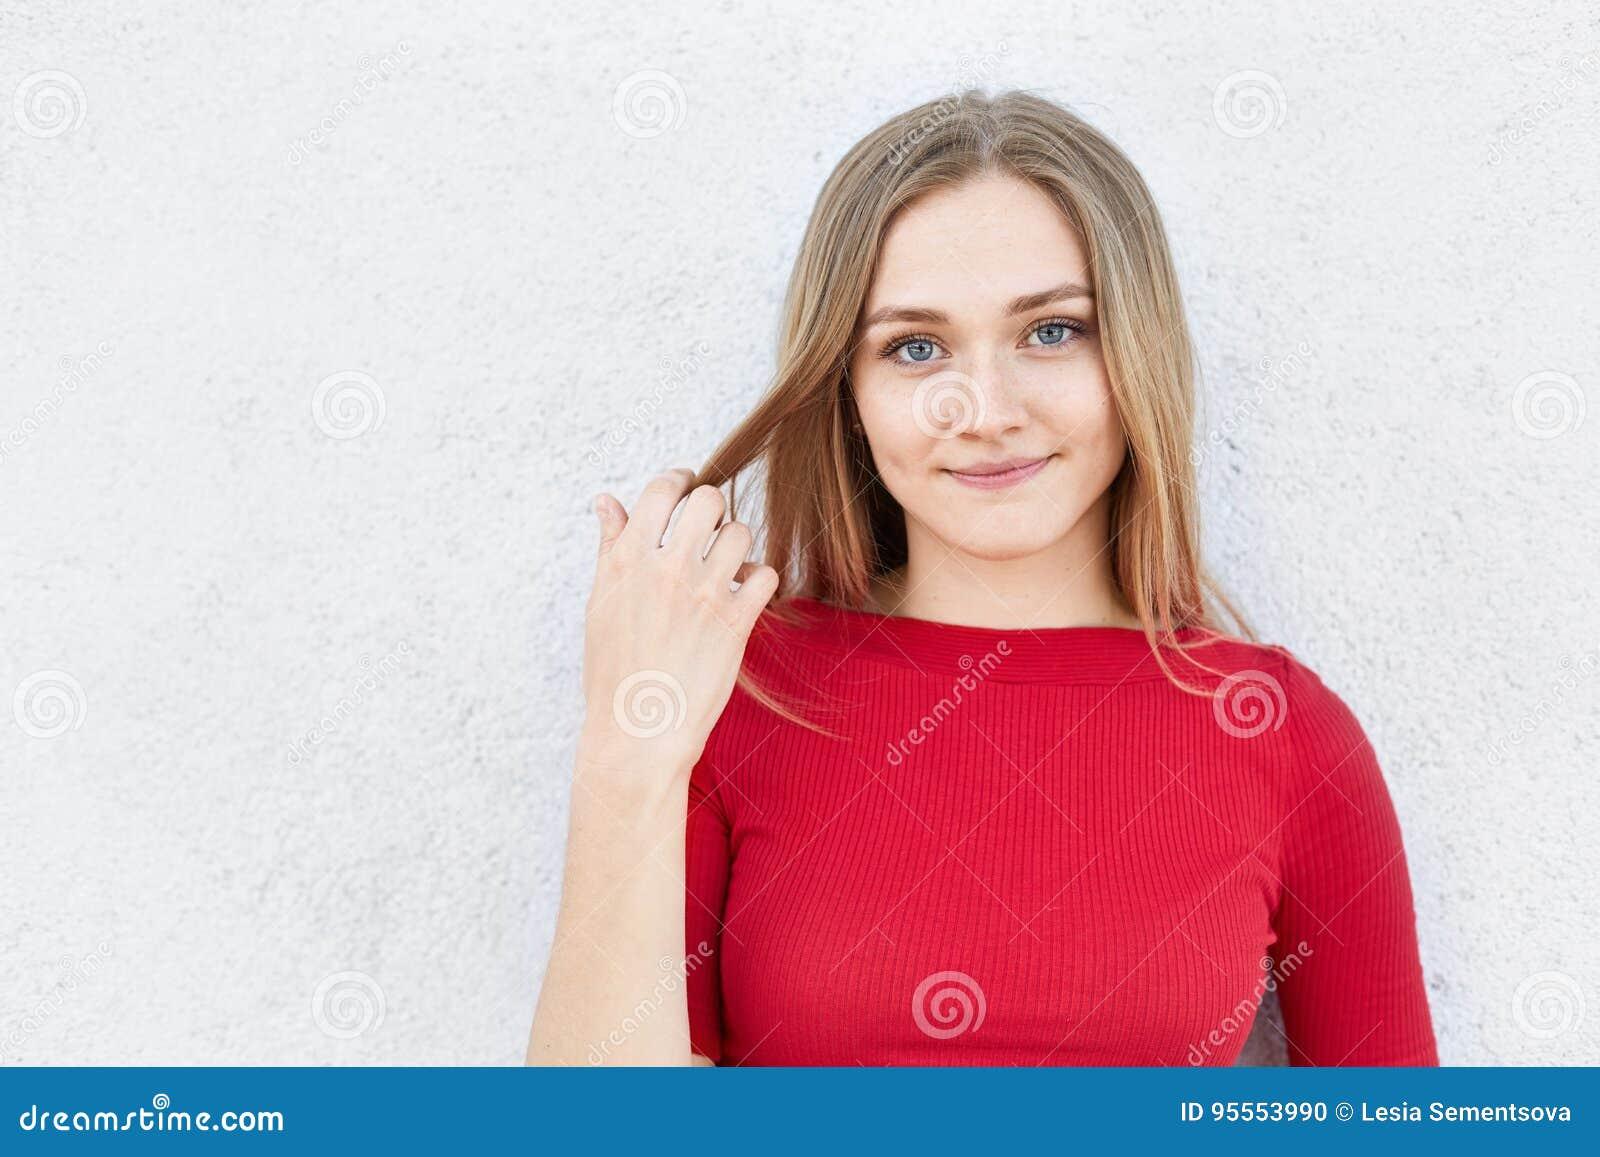 Portret van mooie jonge vrouw met recht blondehaar, verleidelijke ogen en dikke lippen die tevreden uitdrukking hebben terwijl he